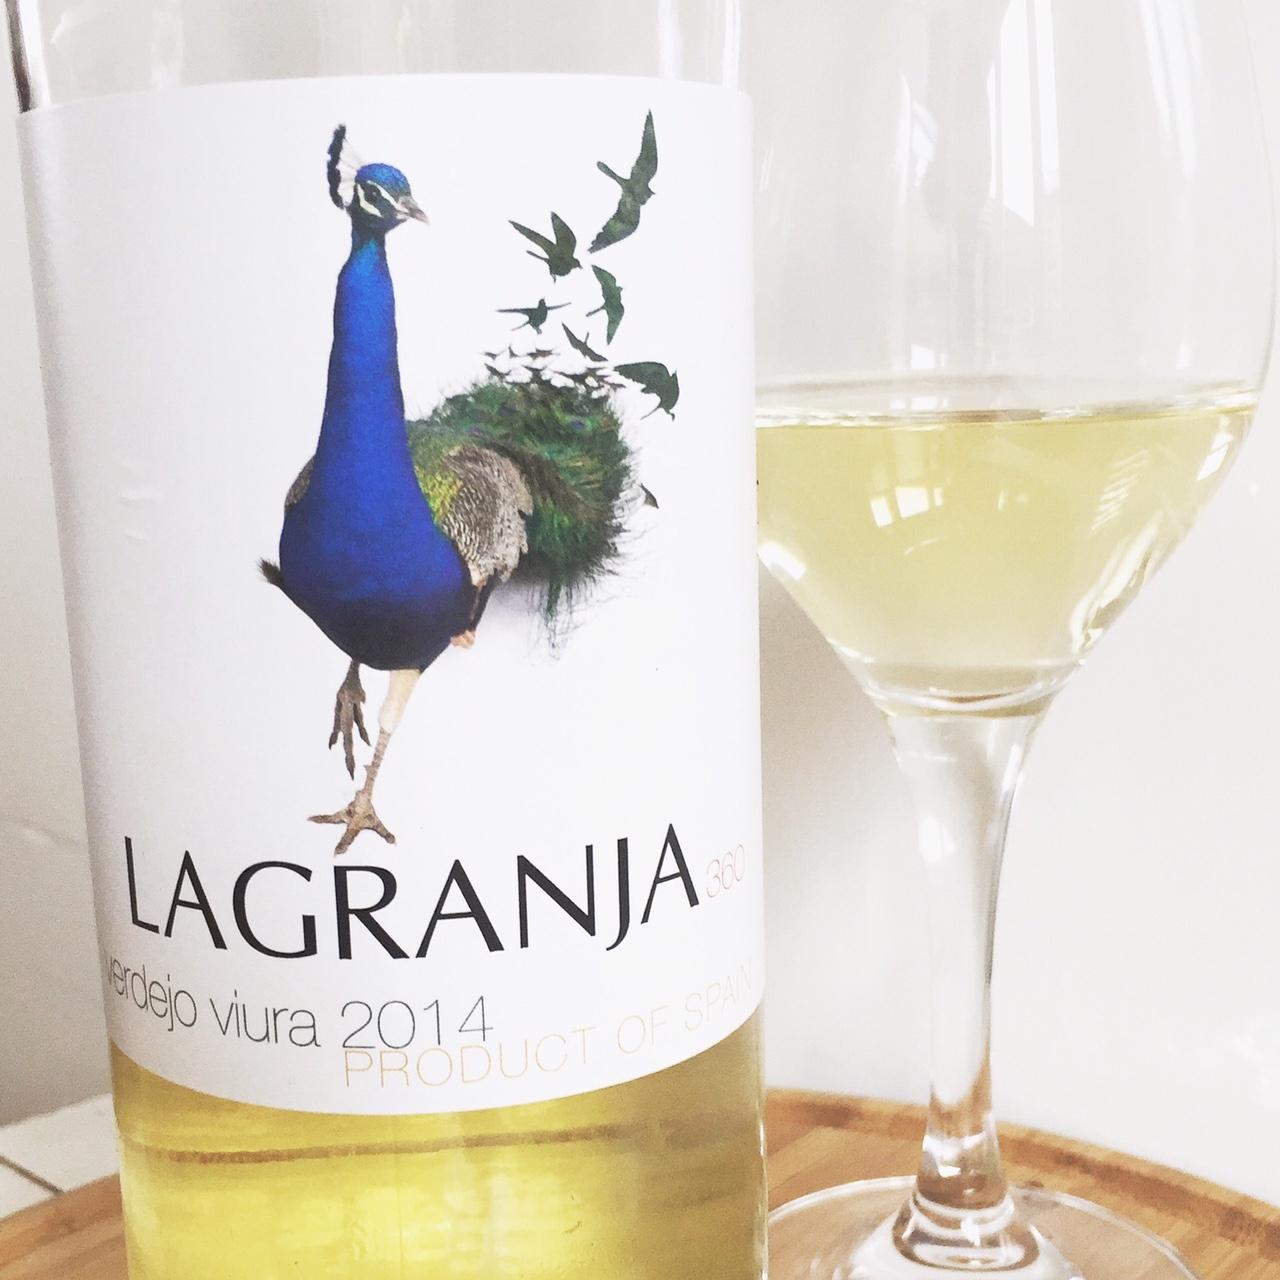 La Granja Verdejo wijnreview door Mama Drinkt Wijn, vinoloog sinds 2006